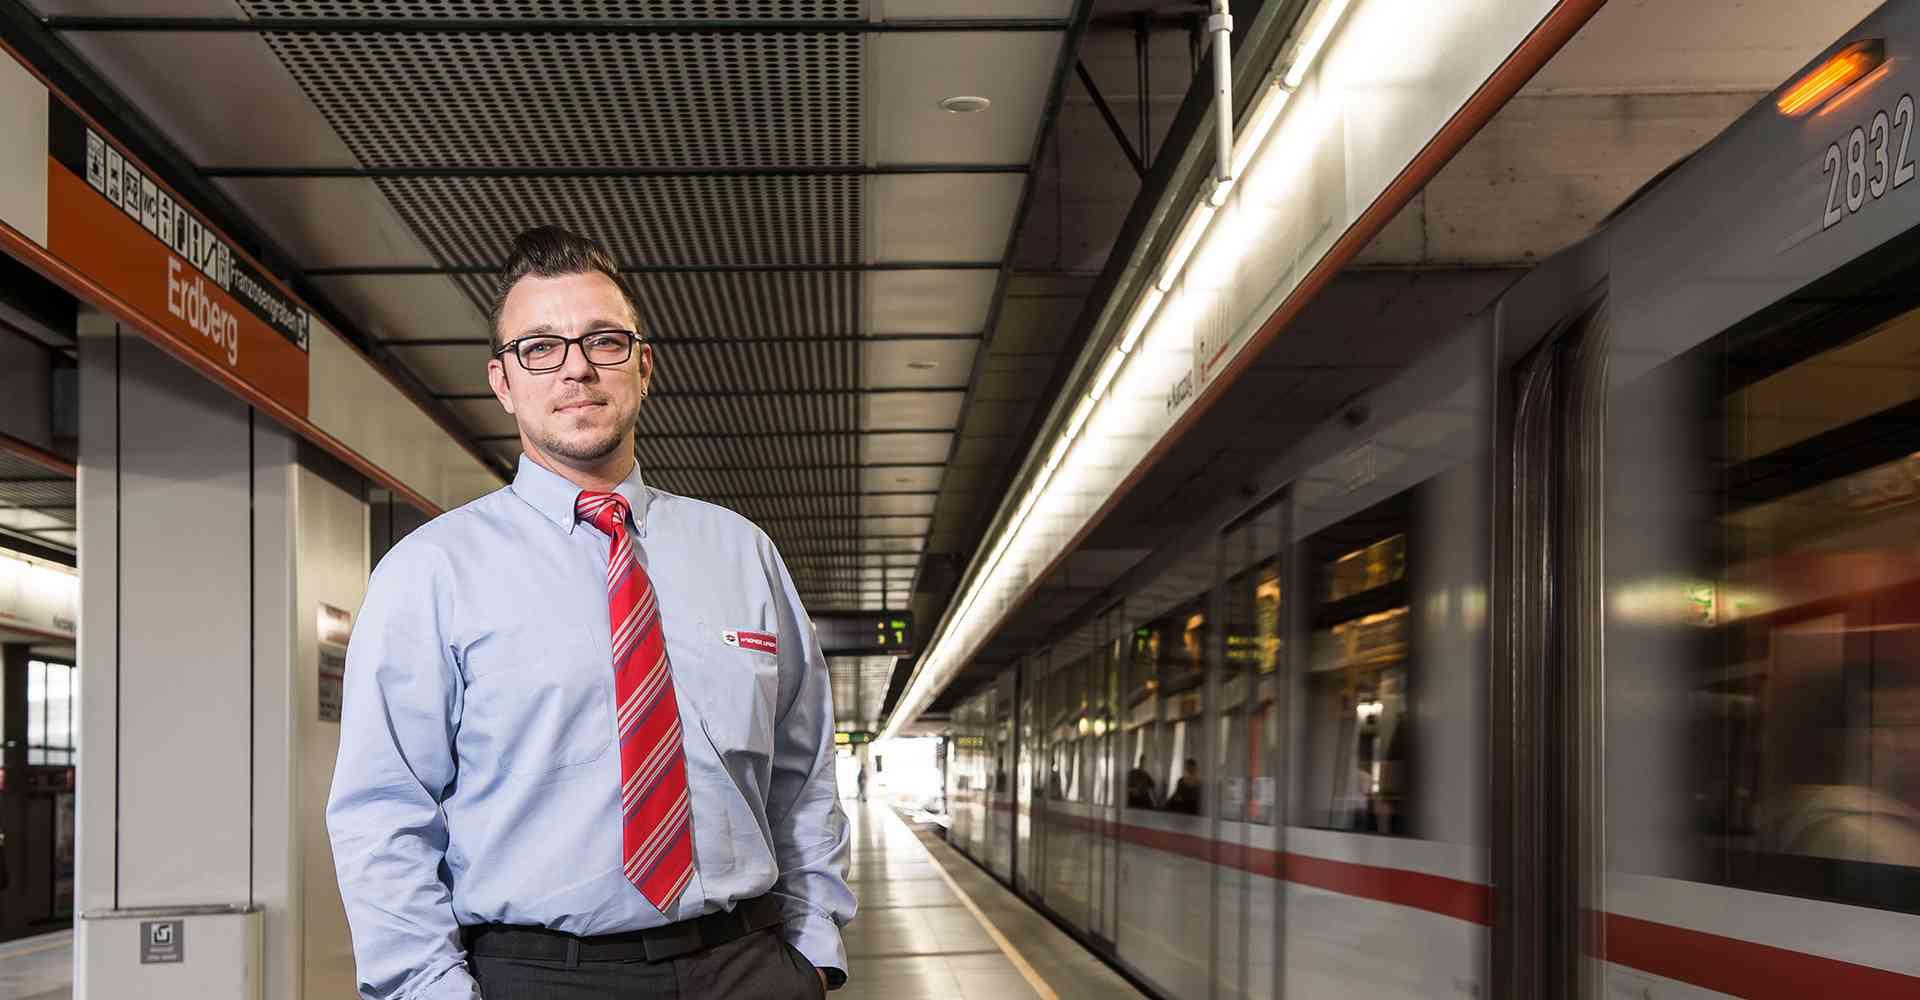 Jürgen Lutz, hier in der Station Erdberg, begrüßt die Fahrgäste gerne mit Durchsagen am Zug.